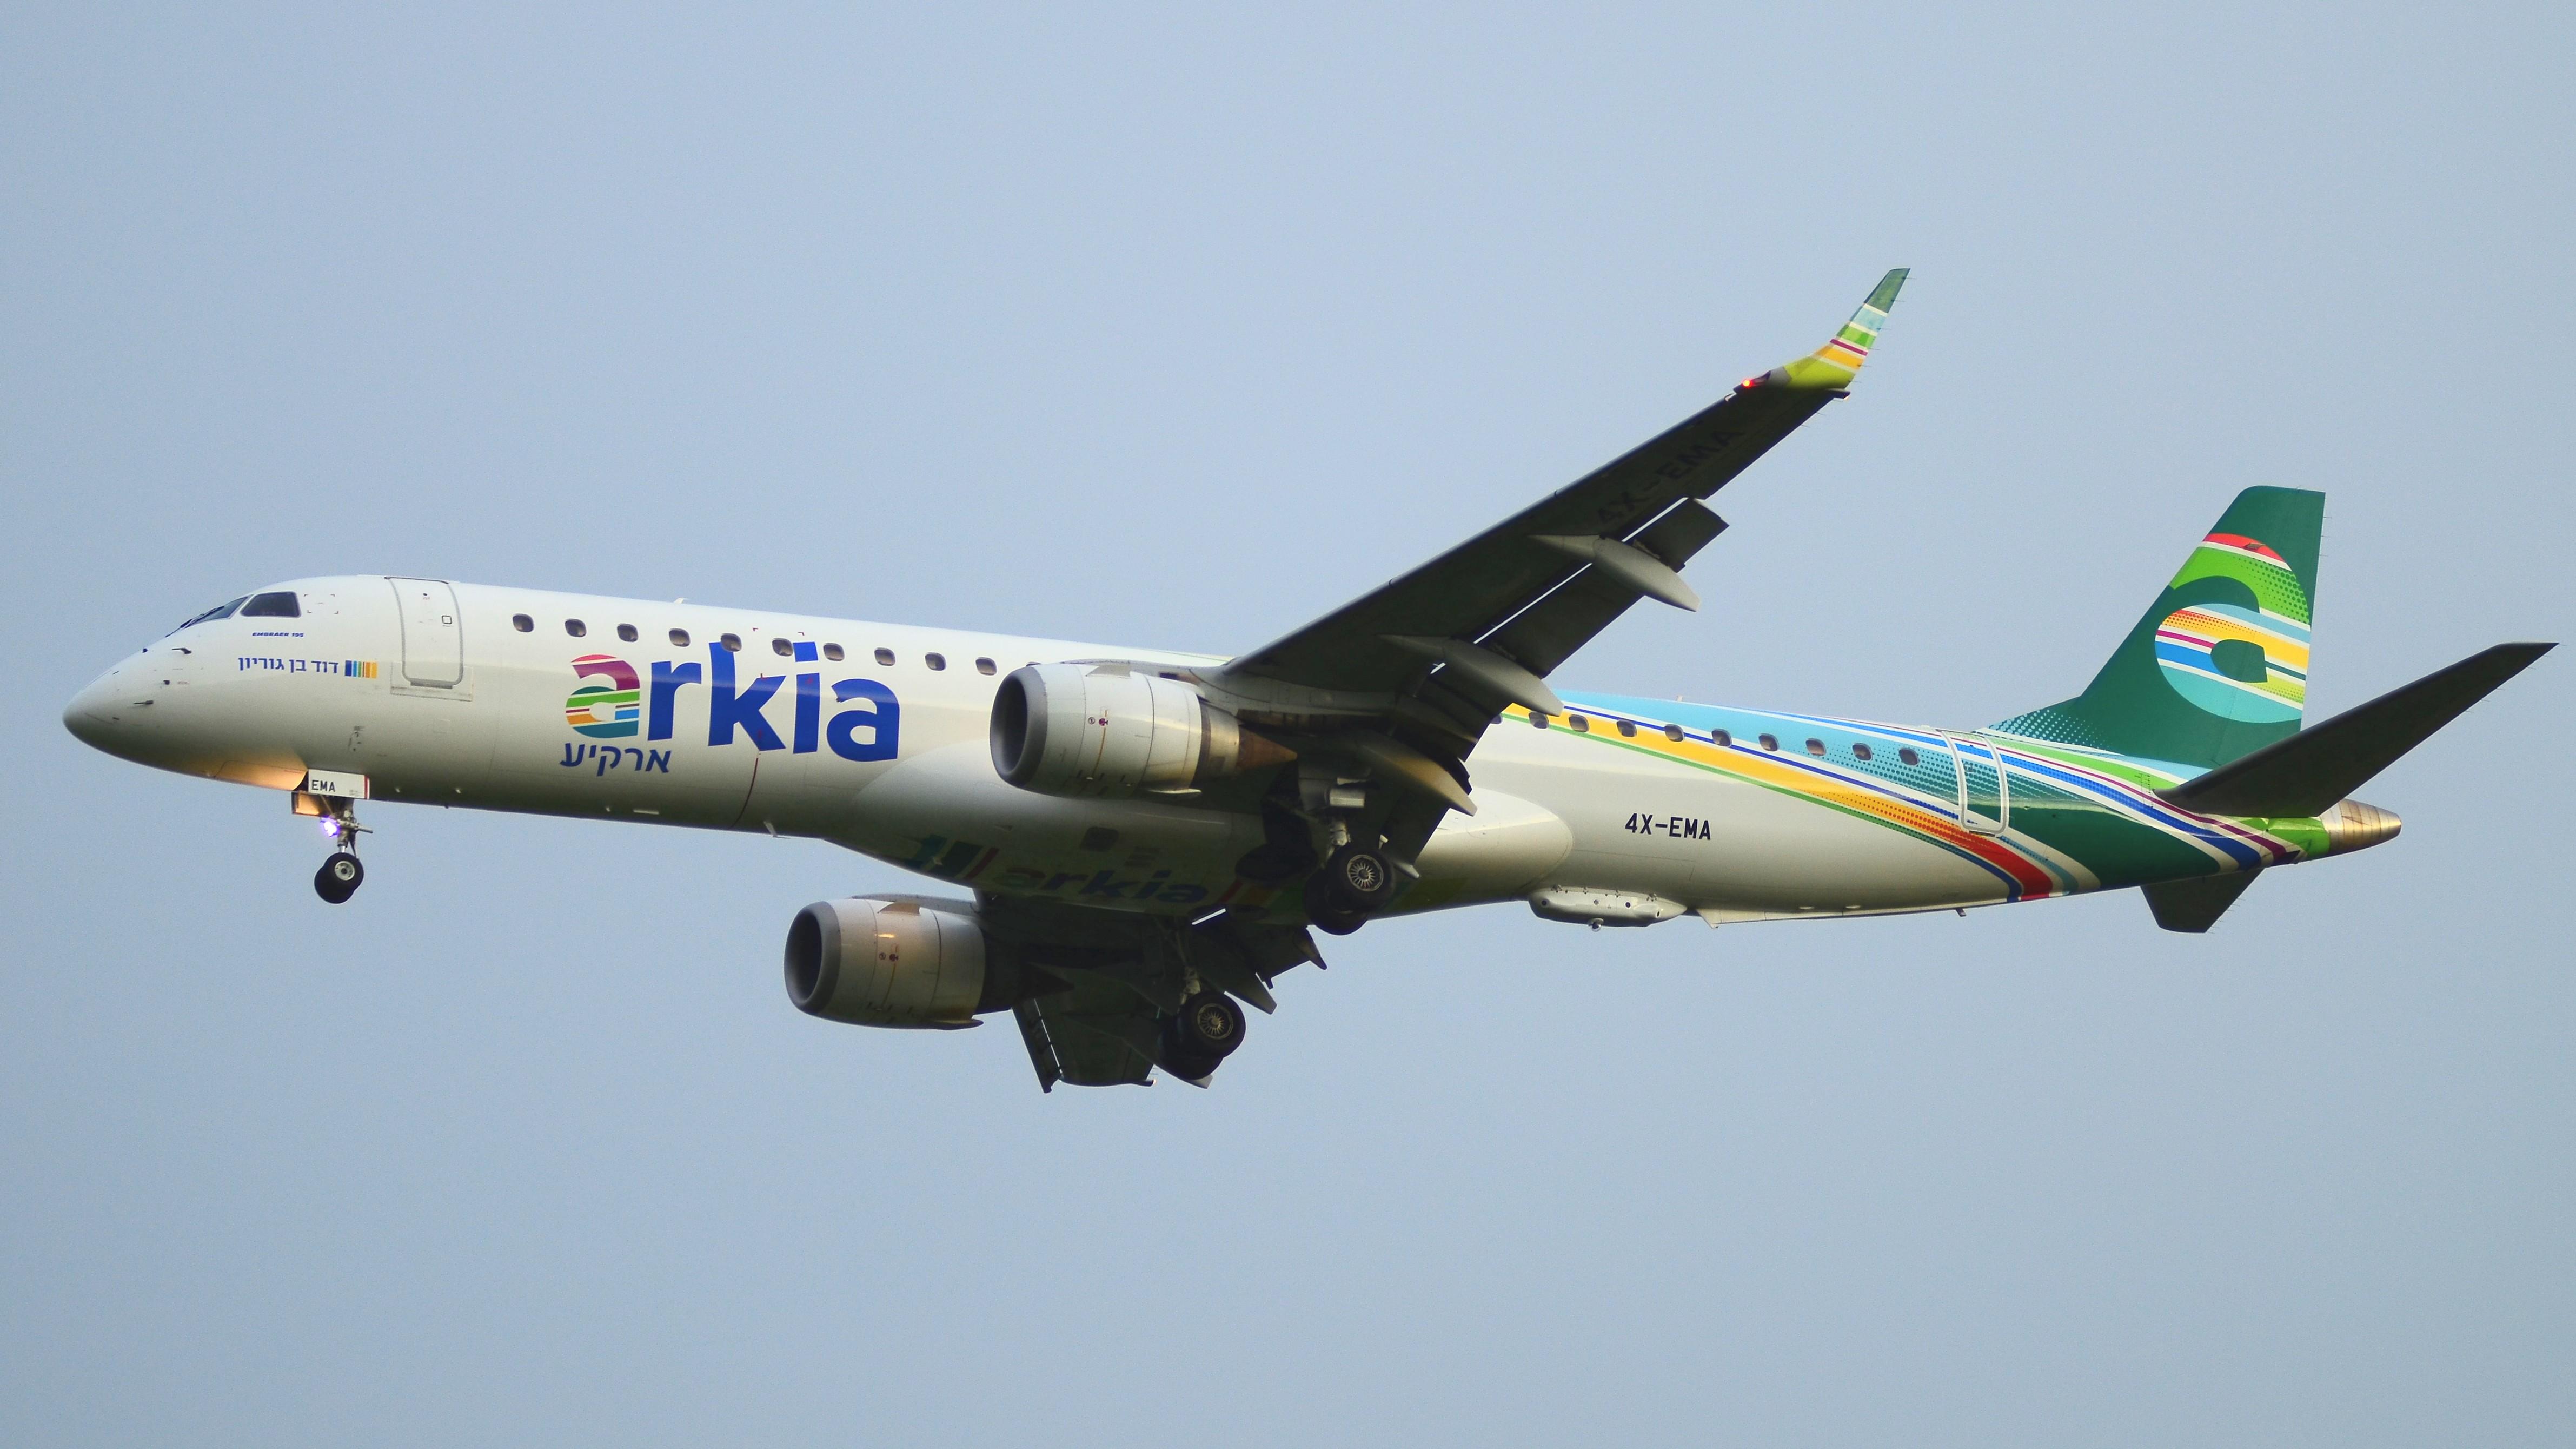 Embraer 4X-EMA